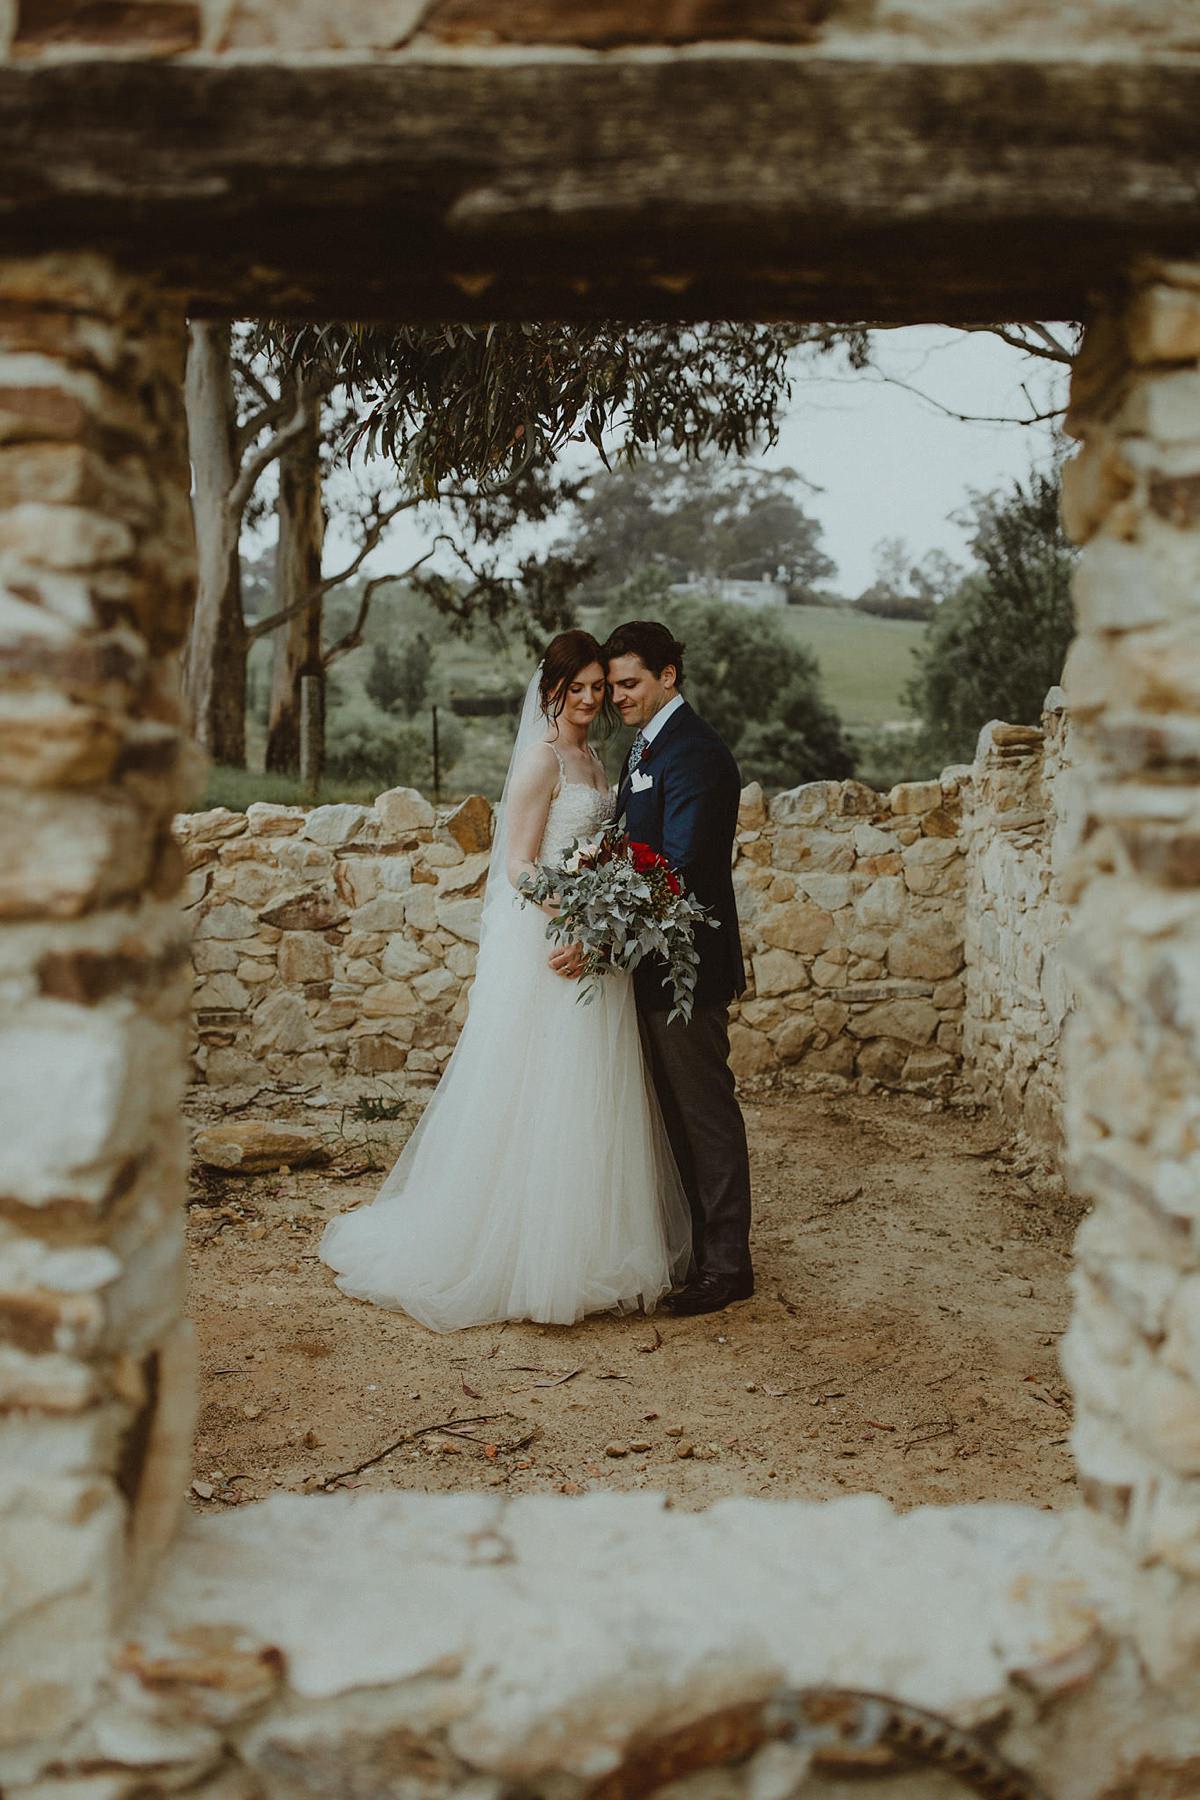 mali-brae-farm-wedding_lilytim-126